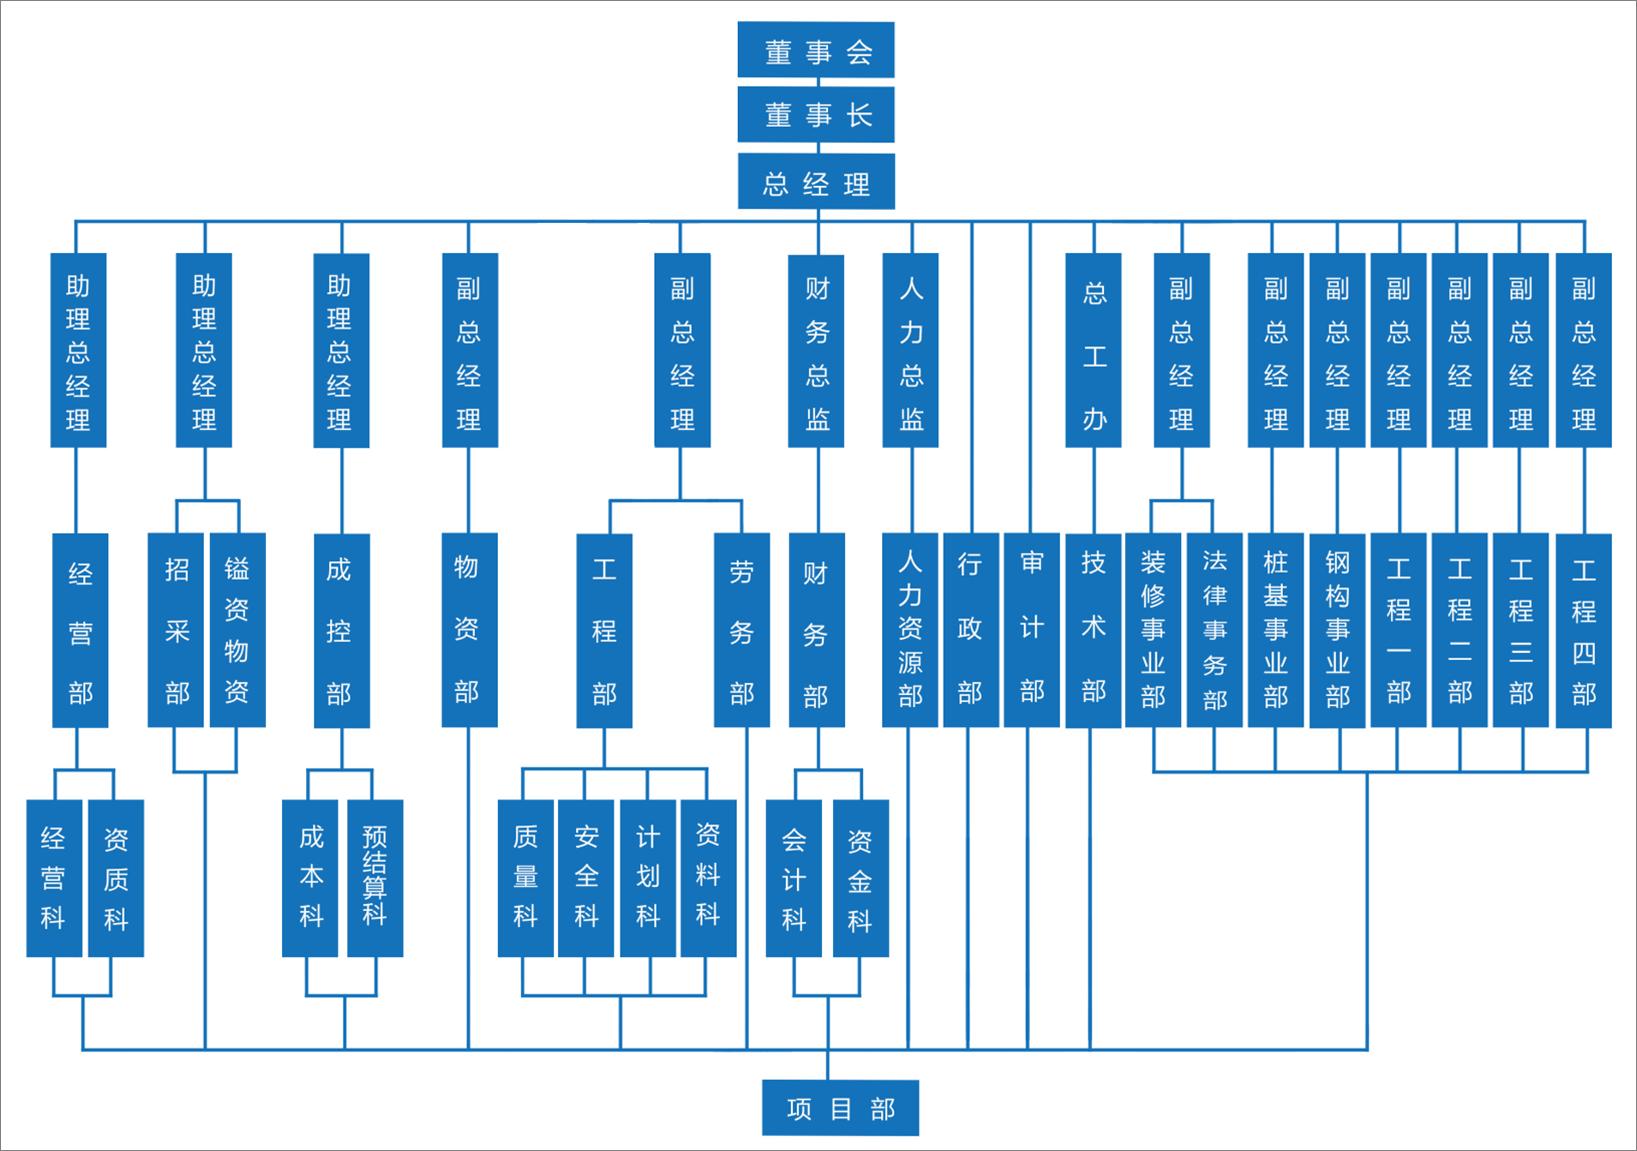 巨铸集团组织结构图